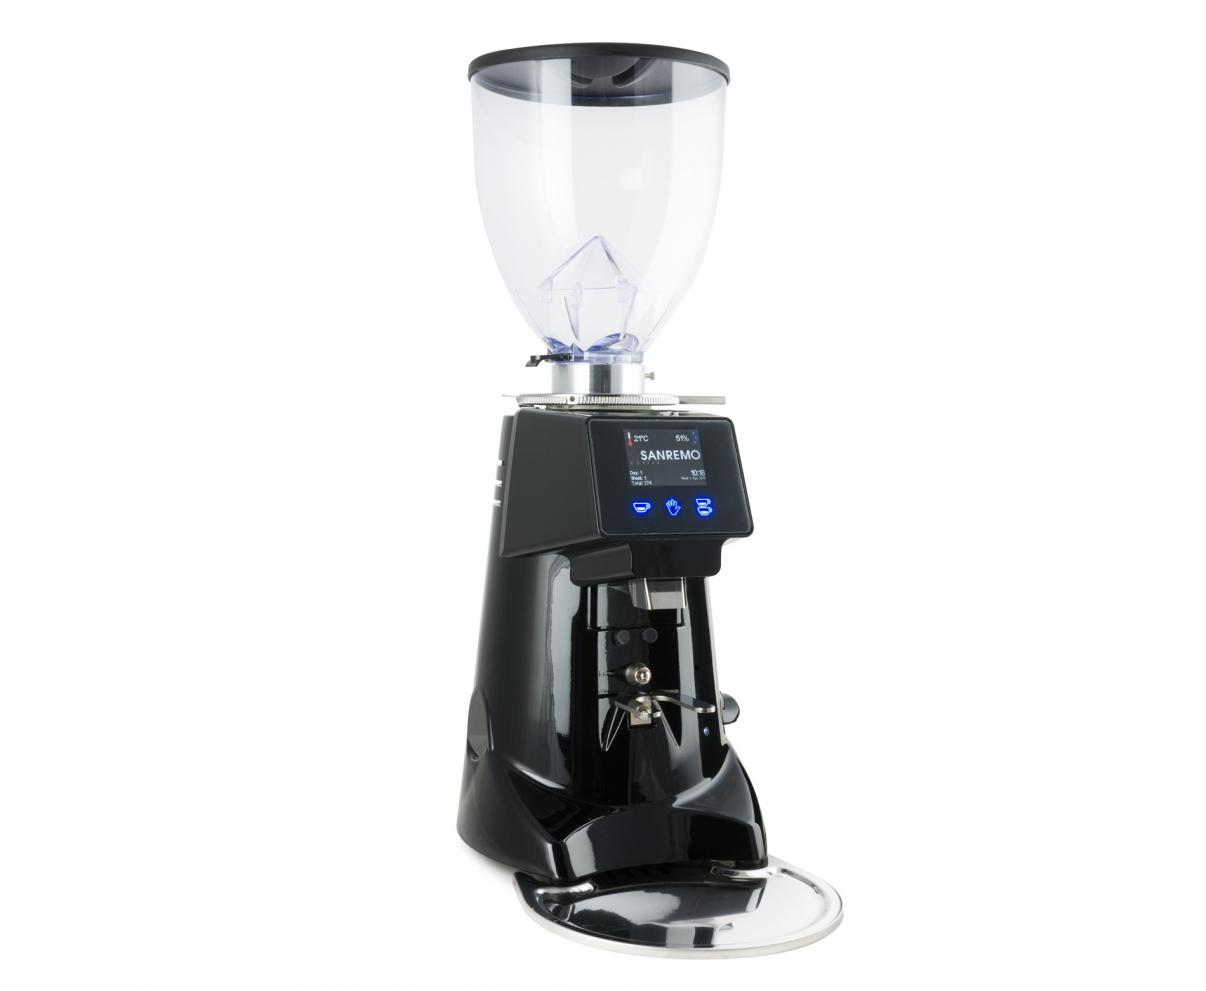 TCO-Fiorenzato-SR70-Evo-coffee-grinder